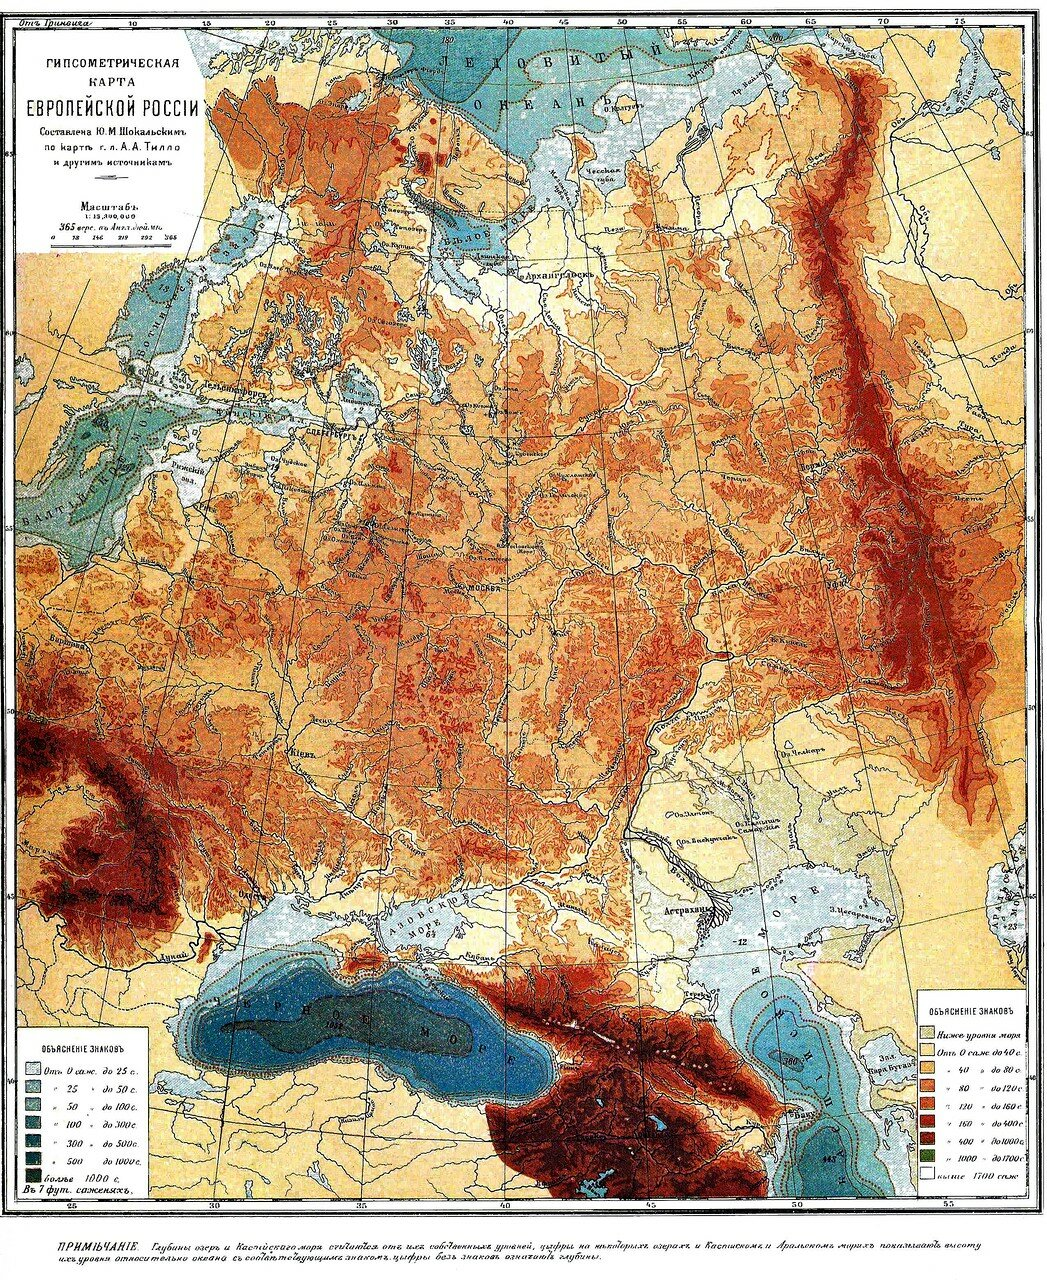 05. Гипсометрическая карта Российской империи